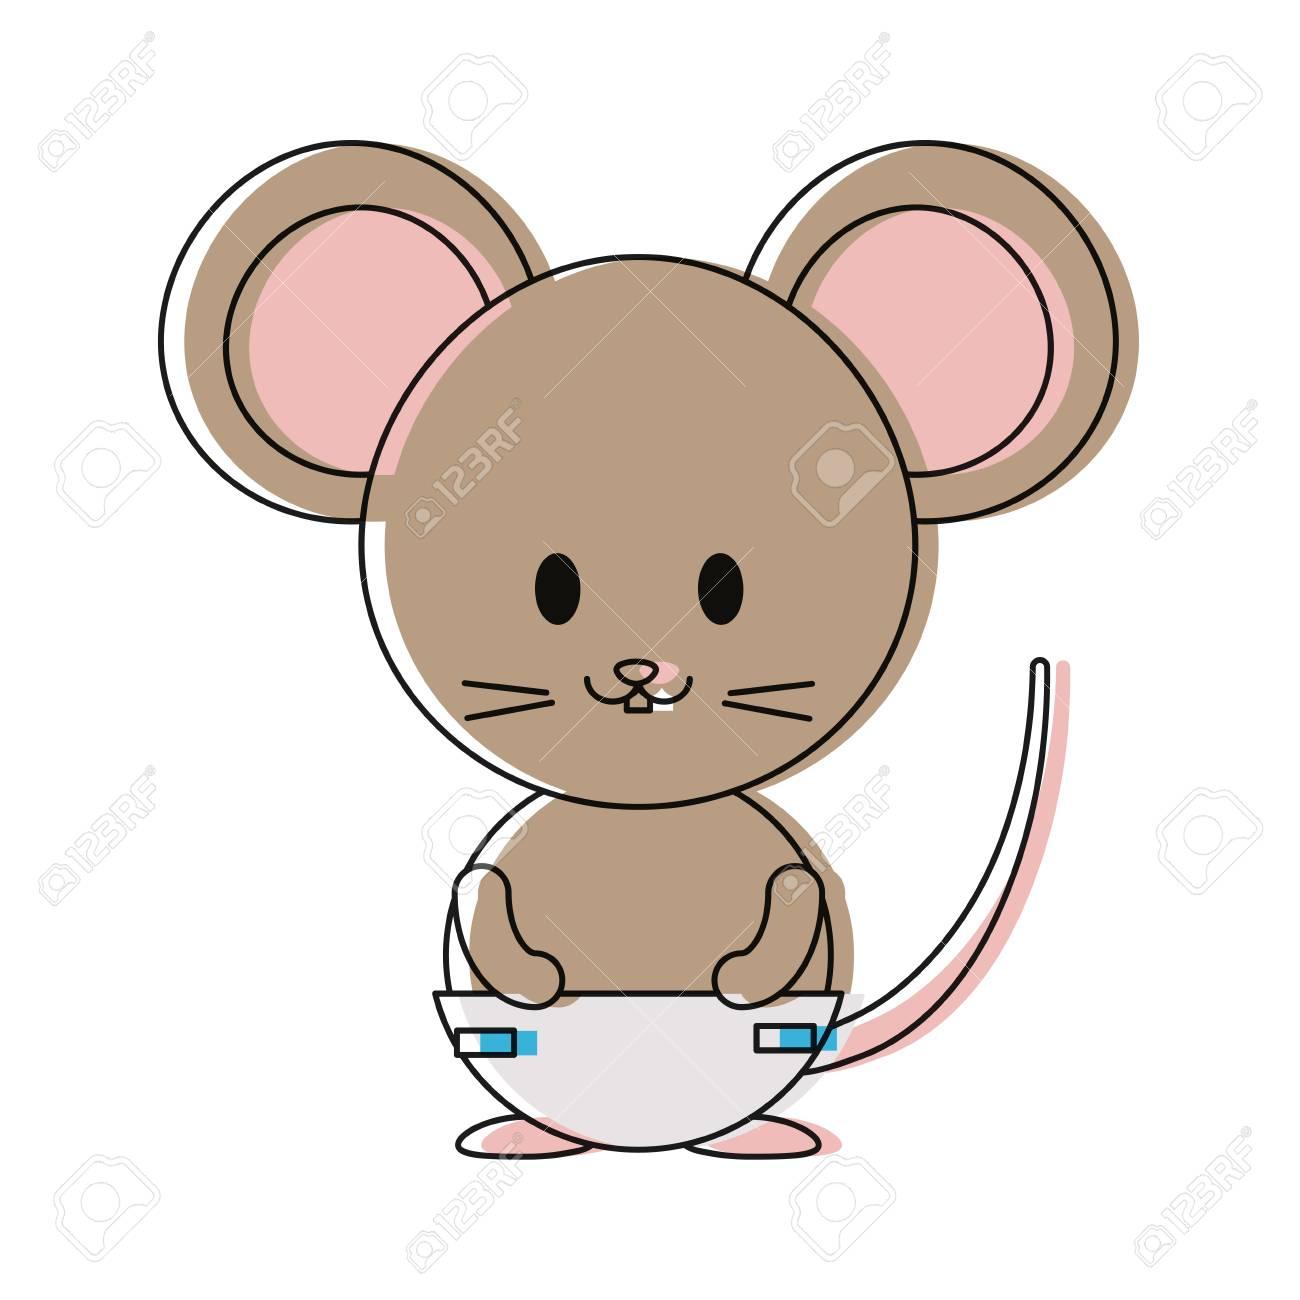 Süße Maus Symbol Auf Weißem Hintergrund Vektor Illustration